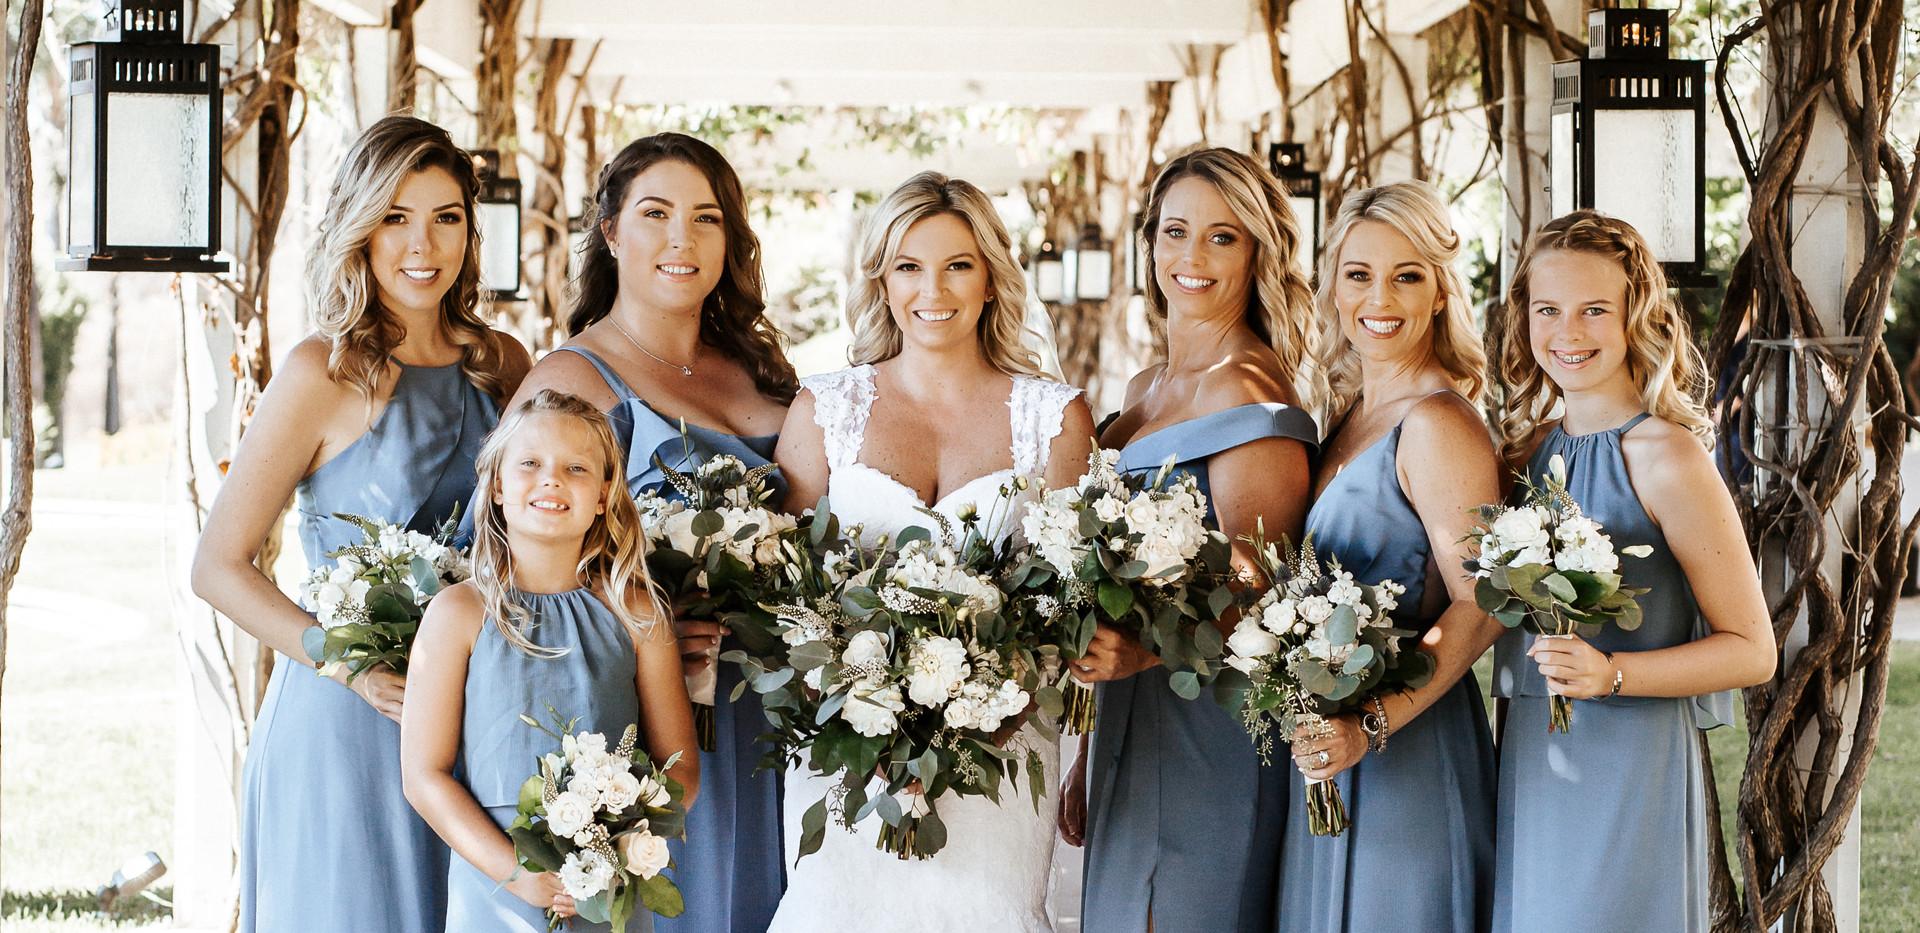 Janessa's Wedding